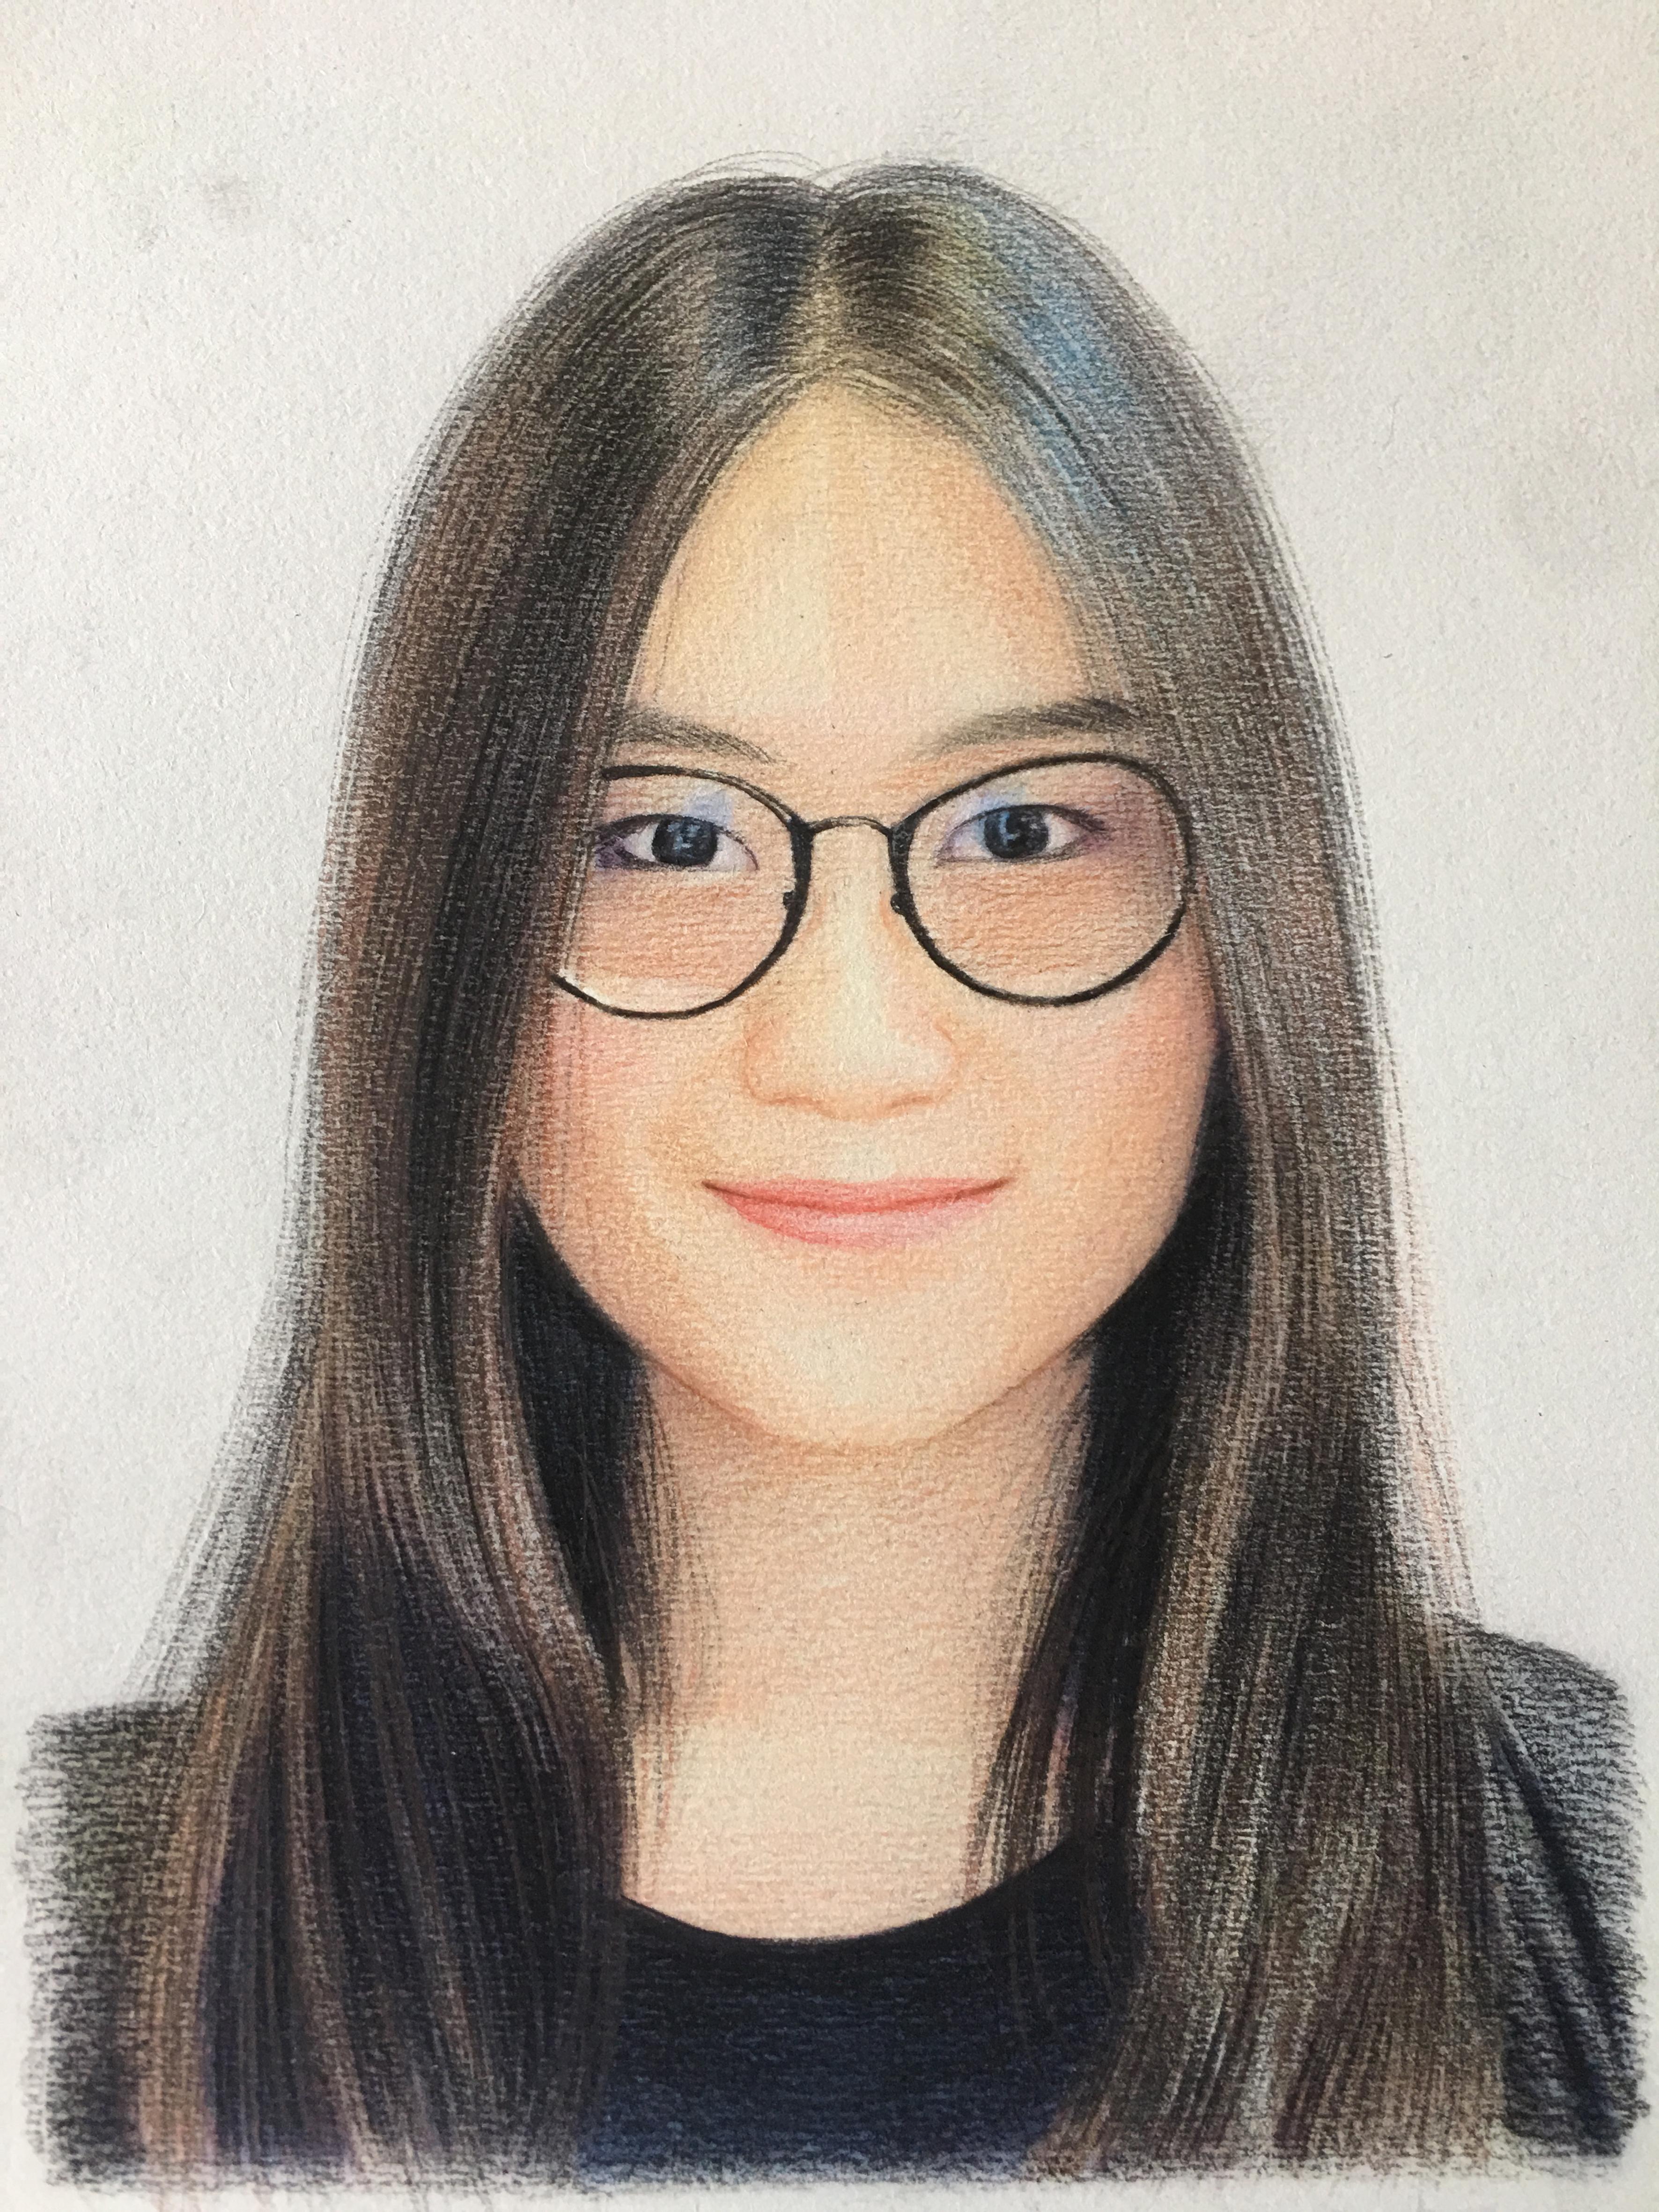 Juntang Qian